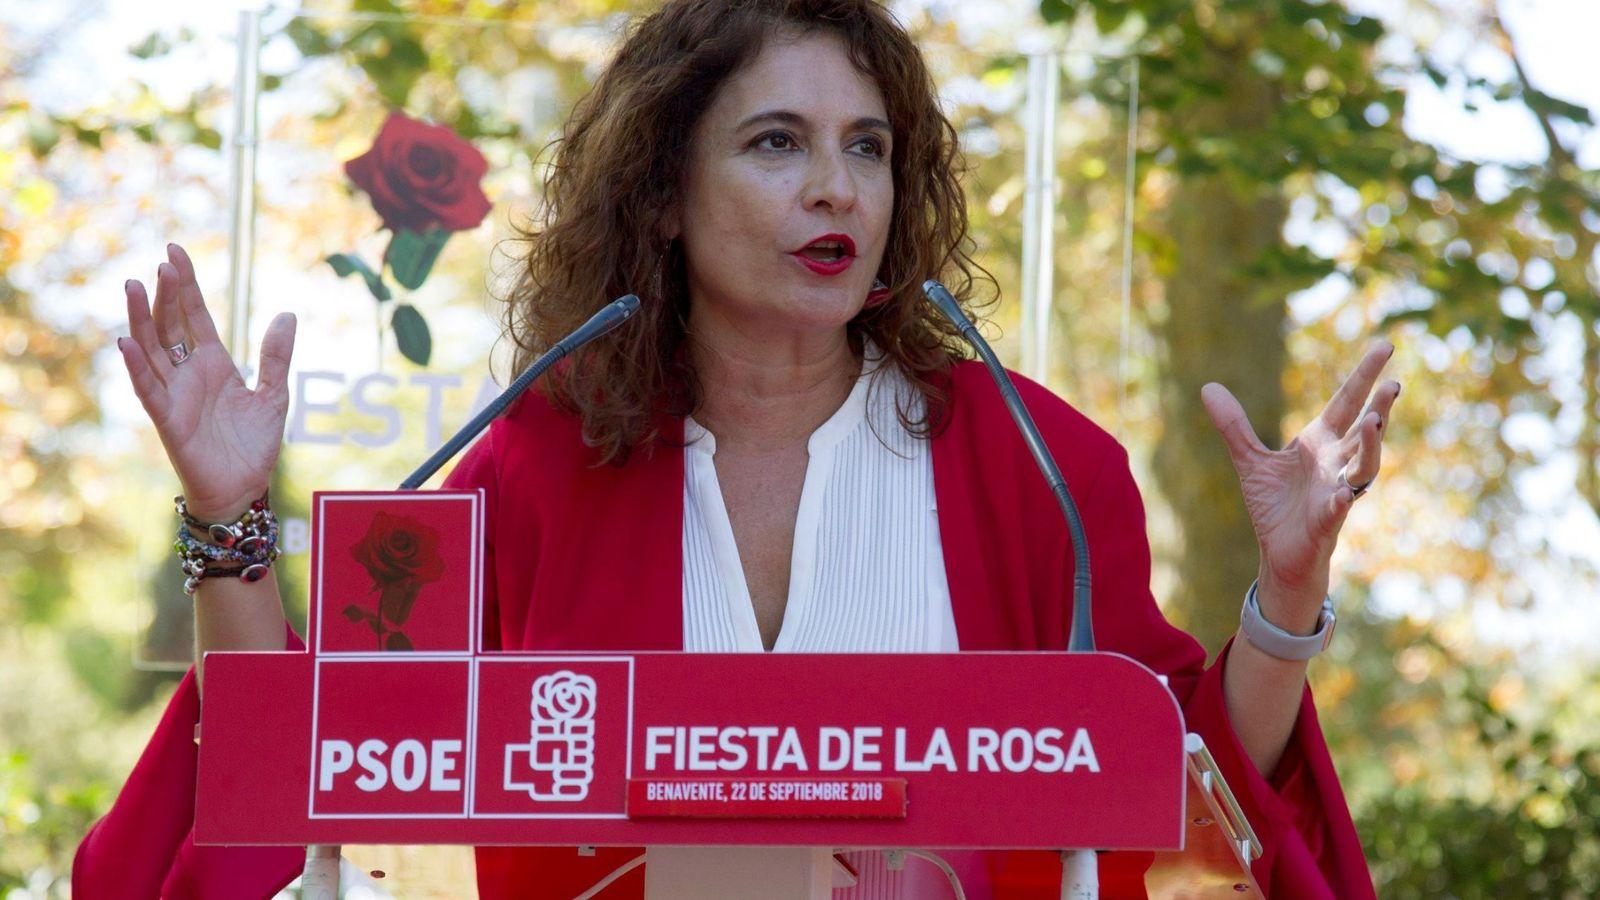 Foto: La ministra de Hacienda, María Jesús Montero, participa en la Fiesta de la Rosa del municipio zamorano de Benavente. (EFE)